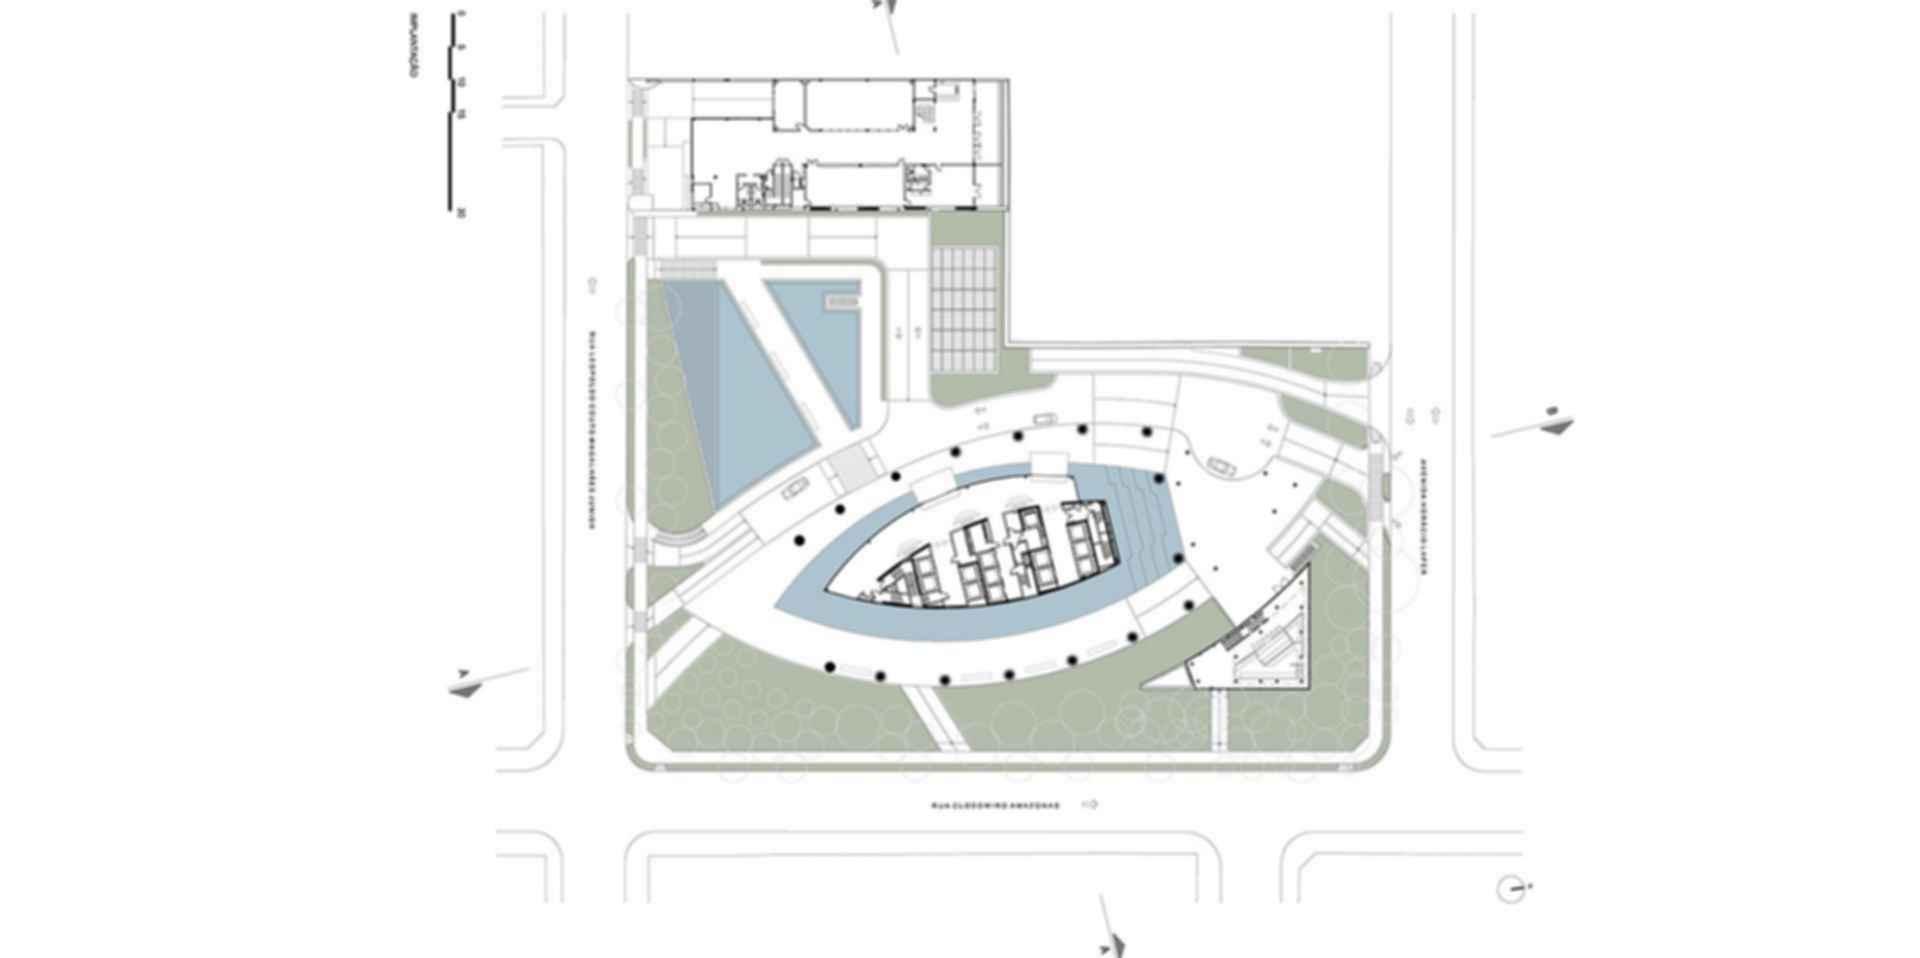 Infinity Tower KPF - Site Plan